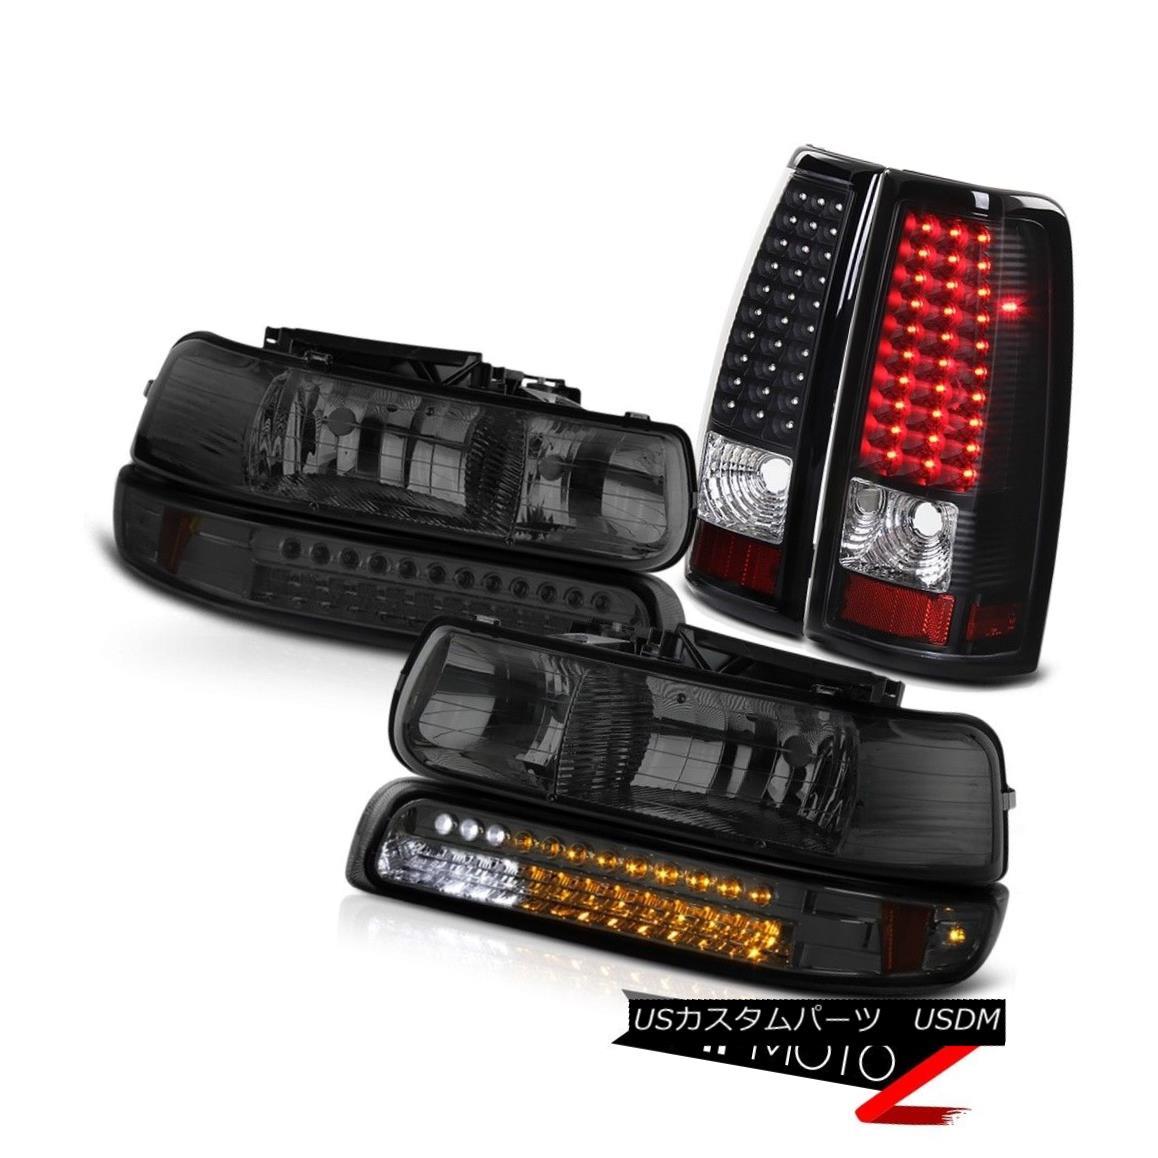 テールライト 99-02 Chevy Silverado LT PAIR Smoke Headlights LED Bumper Black Brake Tail Light 99-02 Chevy Silverado LT PAIRスモークヘッドライトLEDバンパーブラックブレーキテールライト